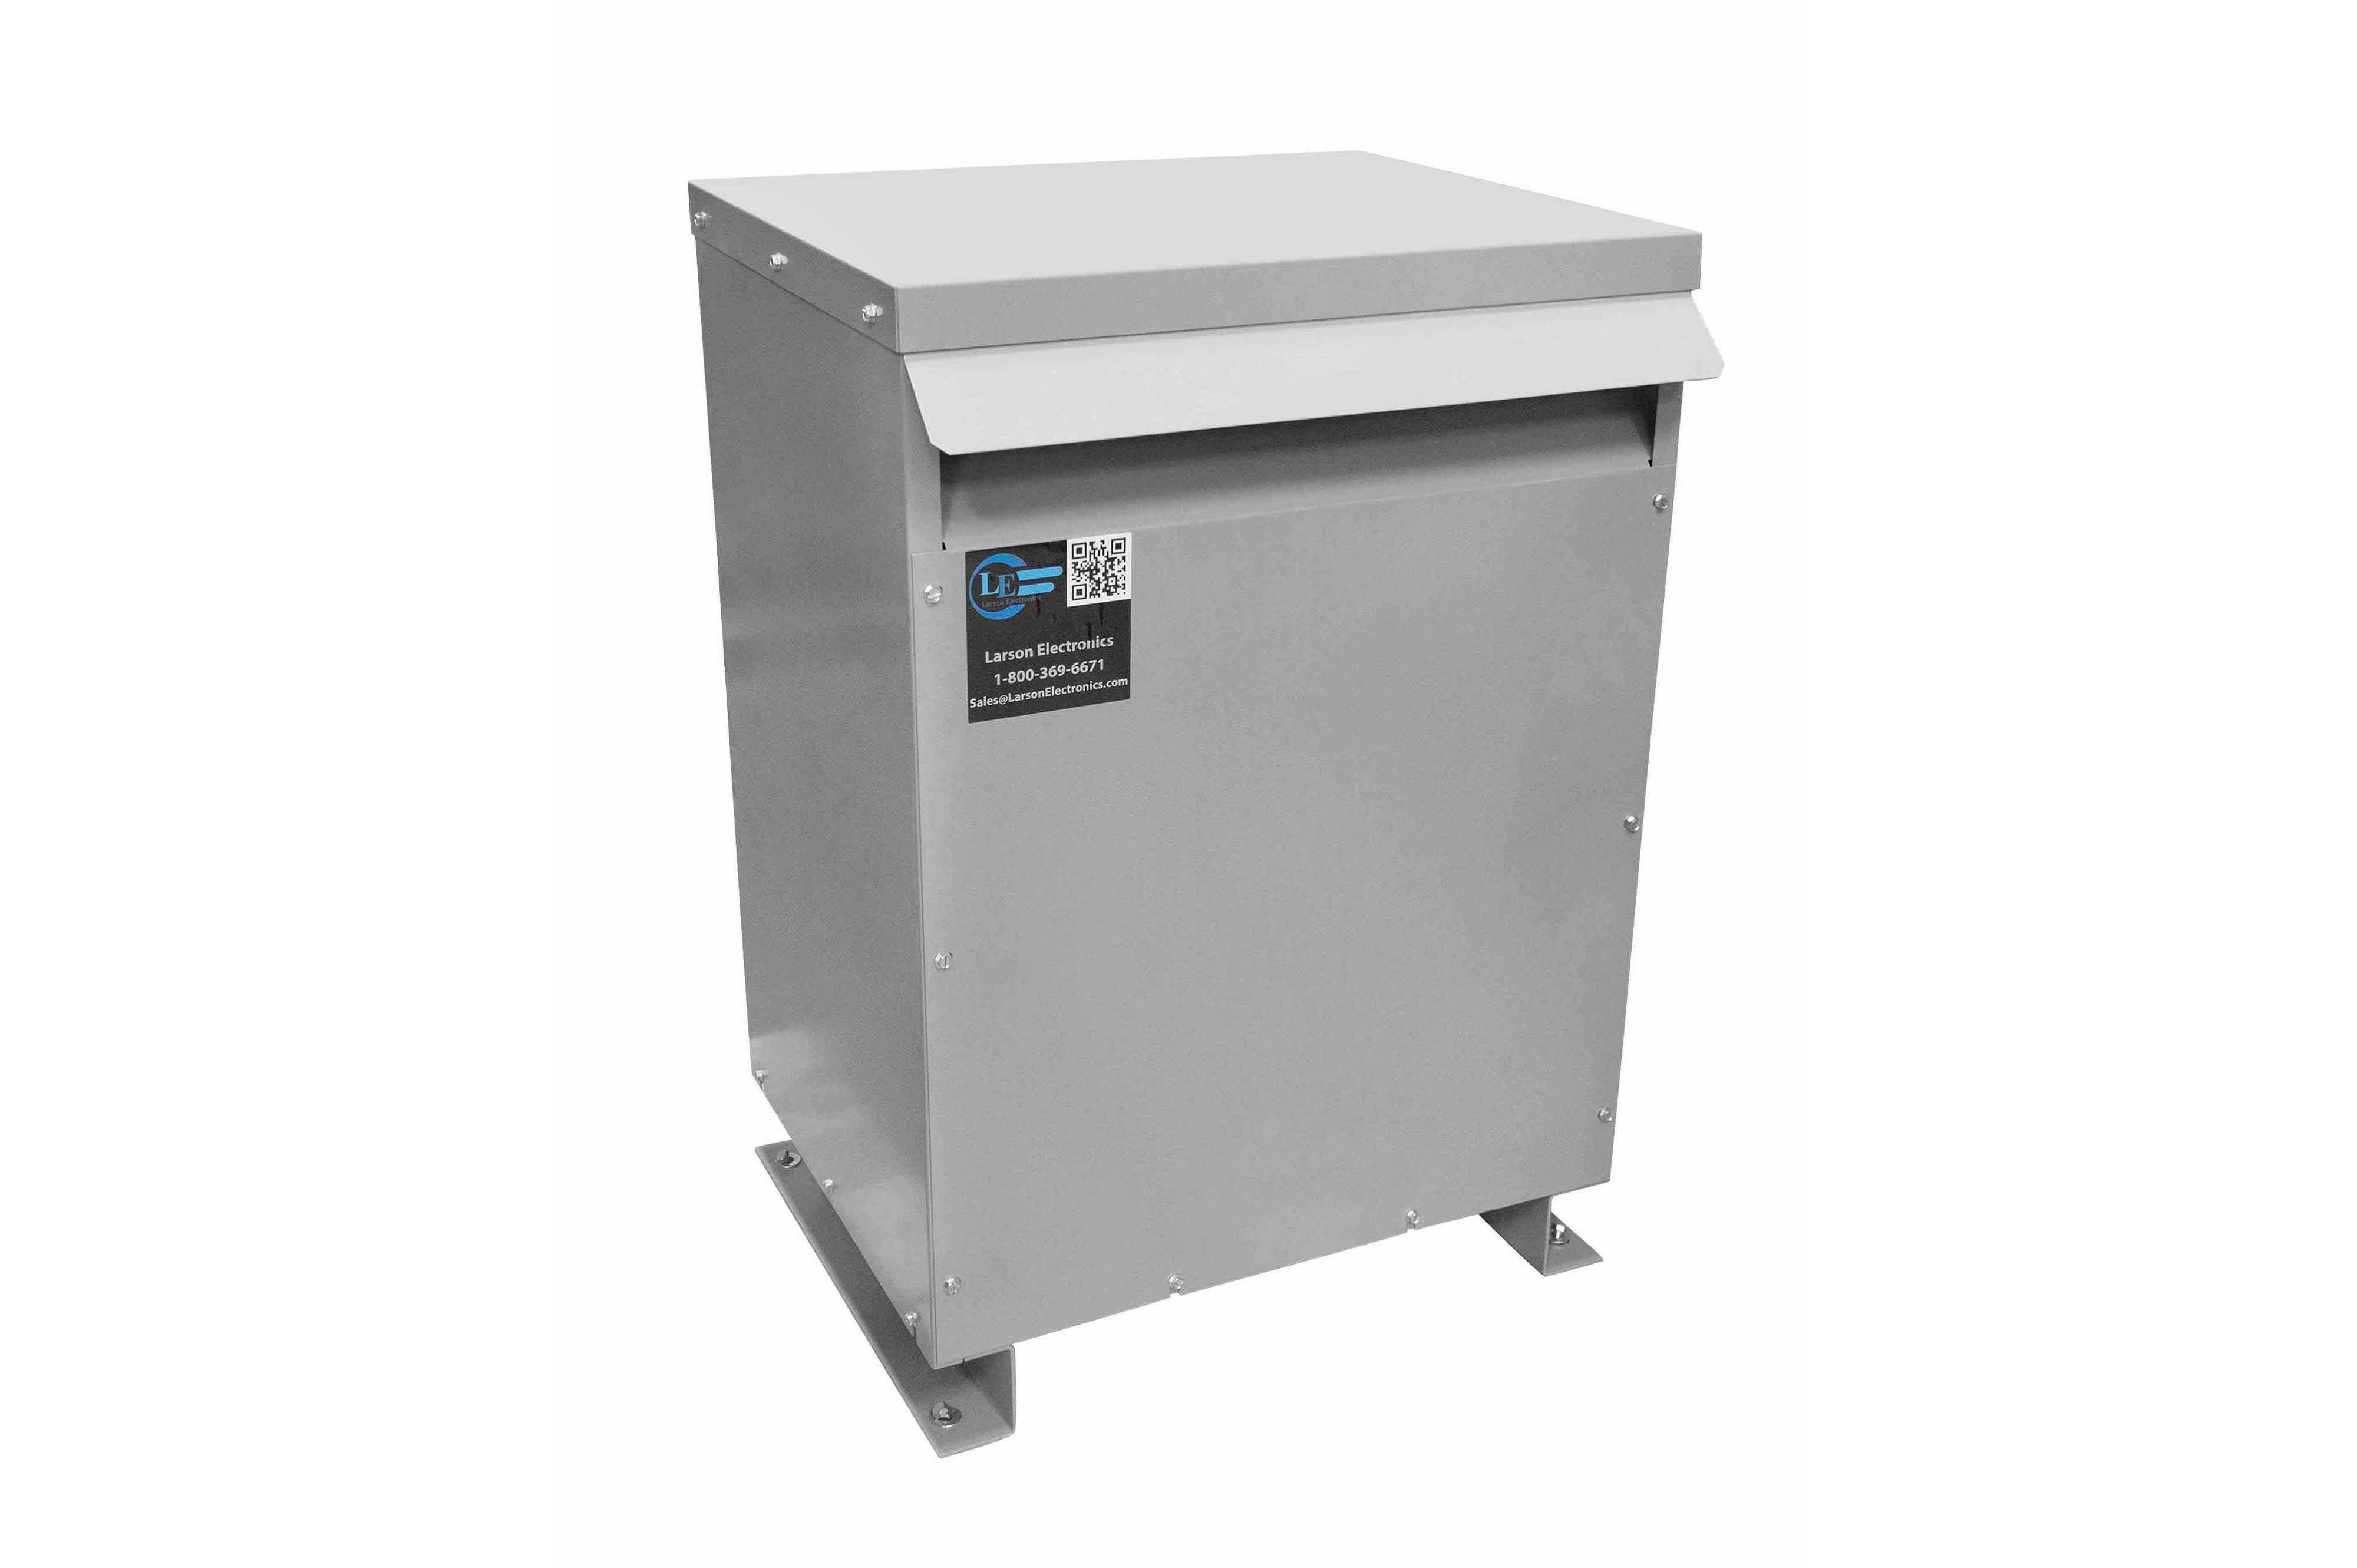 26 kVA 3PH Isolation Transformer, 400V Delta Primary, 240 Delta Secondary, N3R, Ventilated, 60 Hz